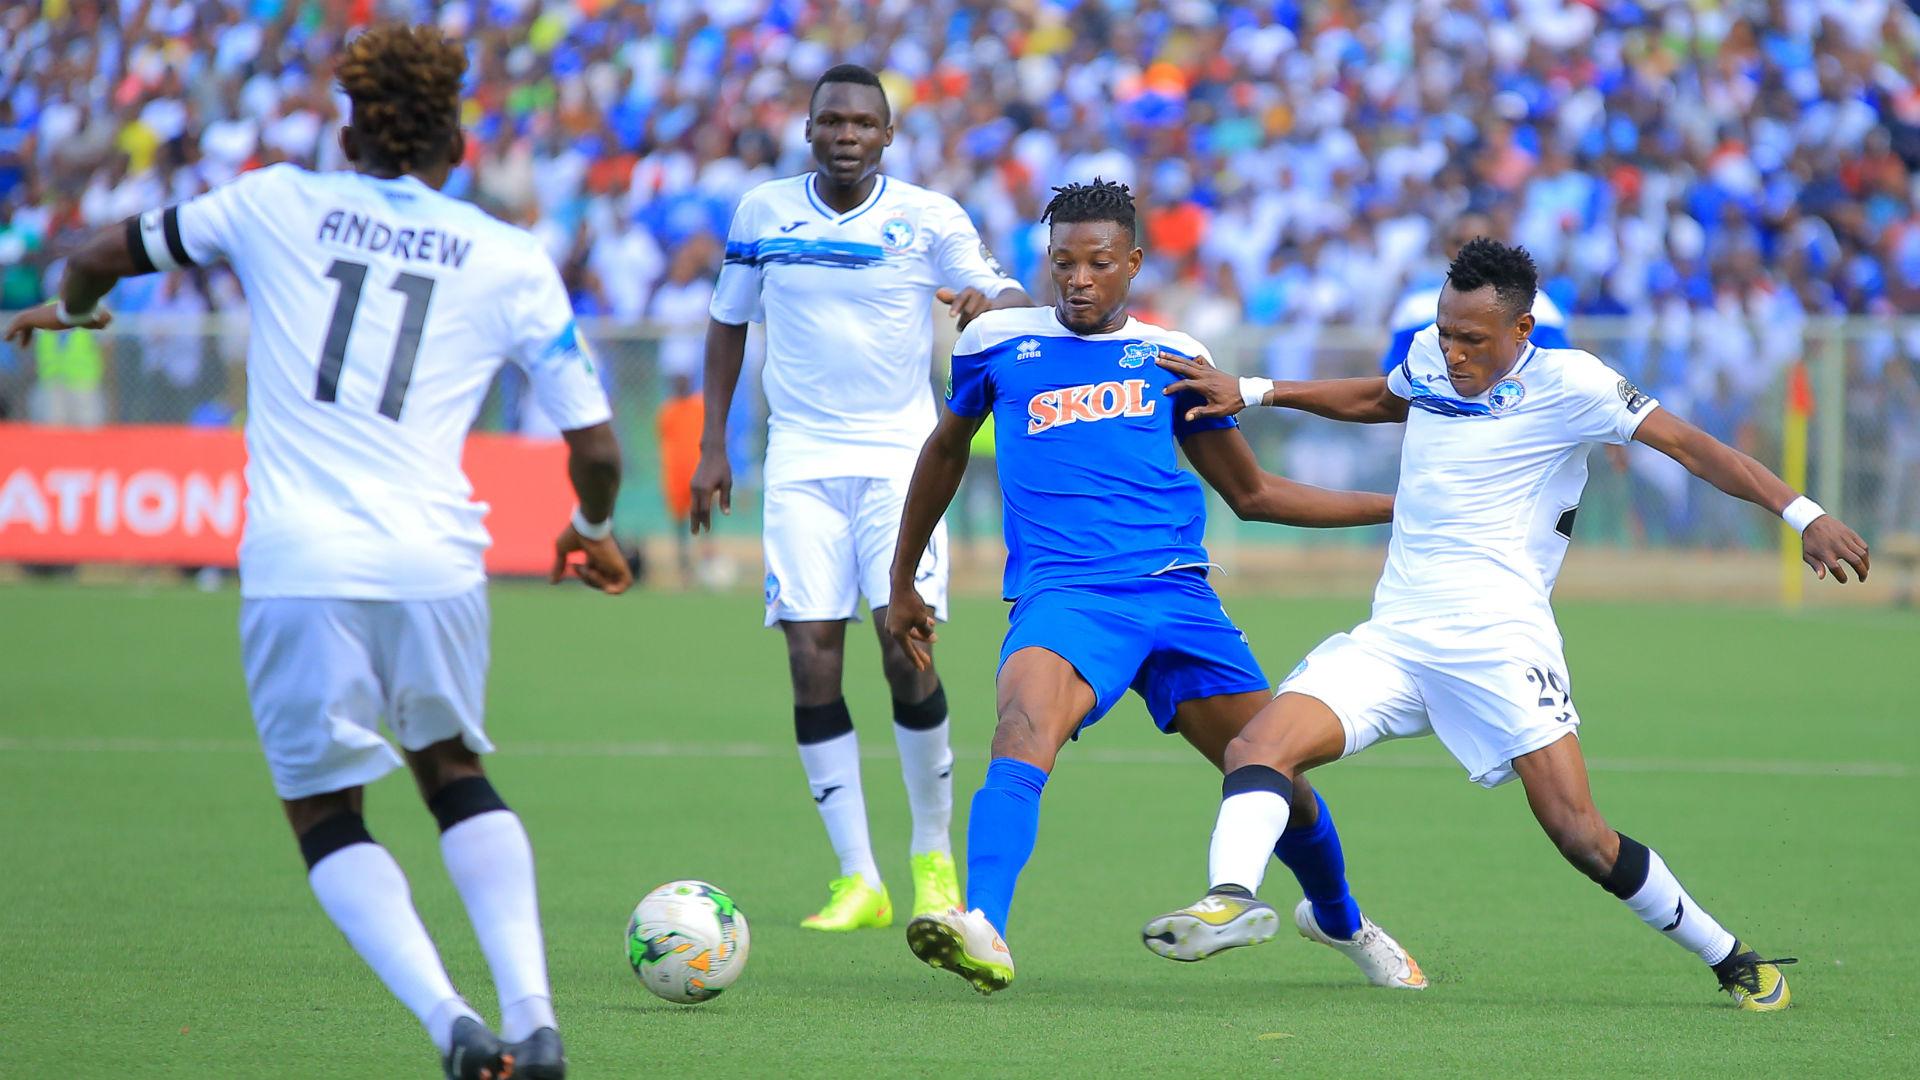 Prosper Dunk, Rayon Sports, Wasiu Alalade, Enyimba, Andrew Abalaogu